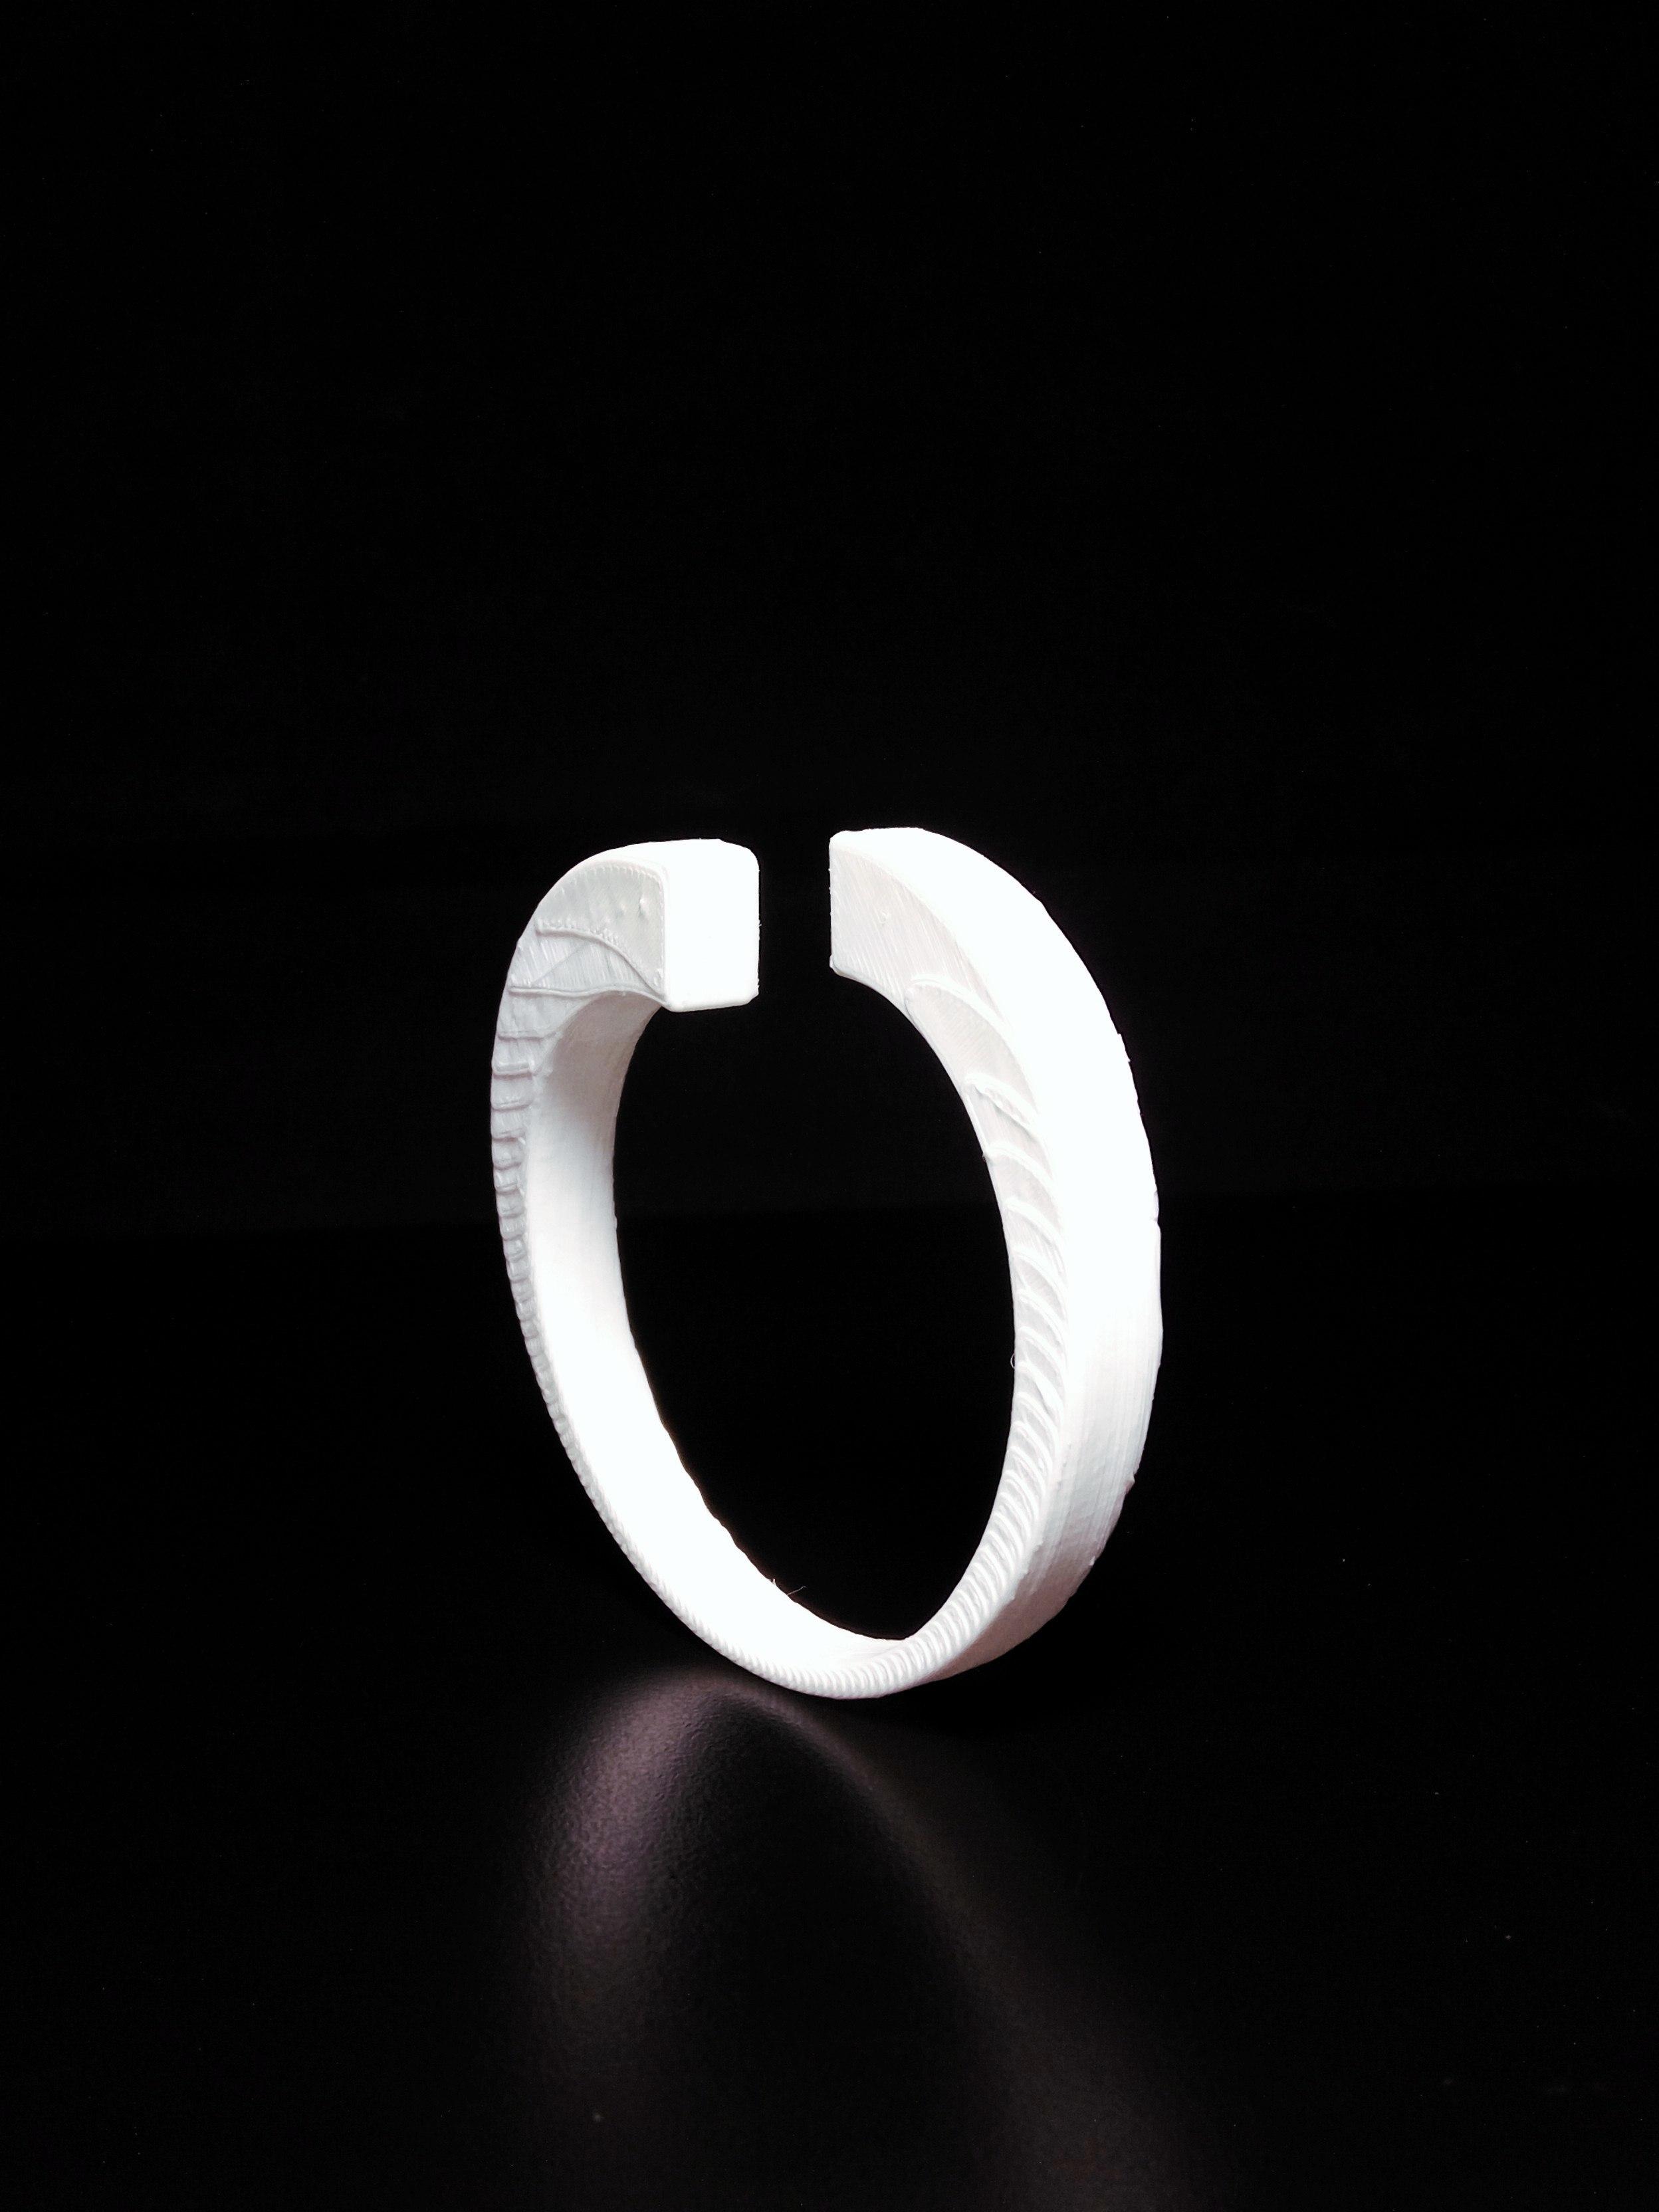 95ed1b1baf5213917fb55d92d4b2d242191f4e18.jpg Download STL file Ring Uniq • 3D print design, siSco